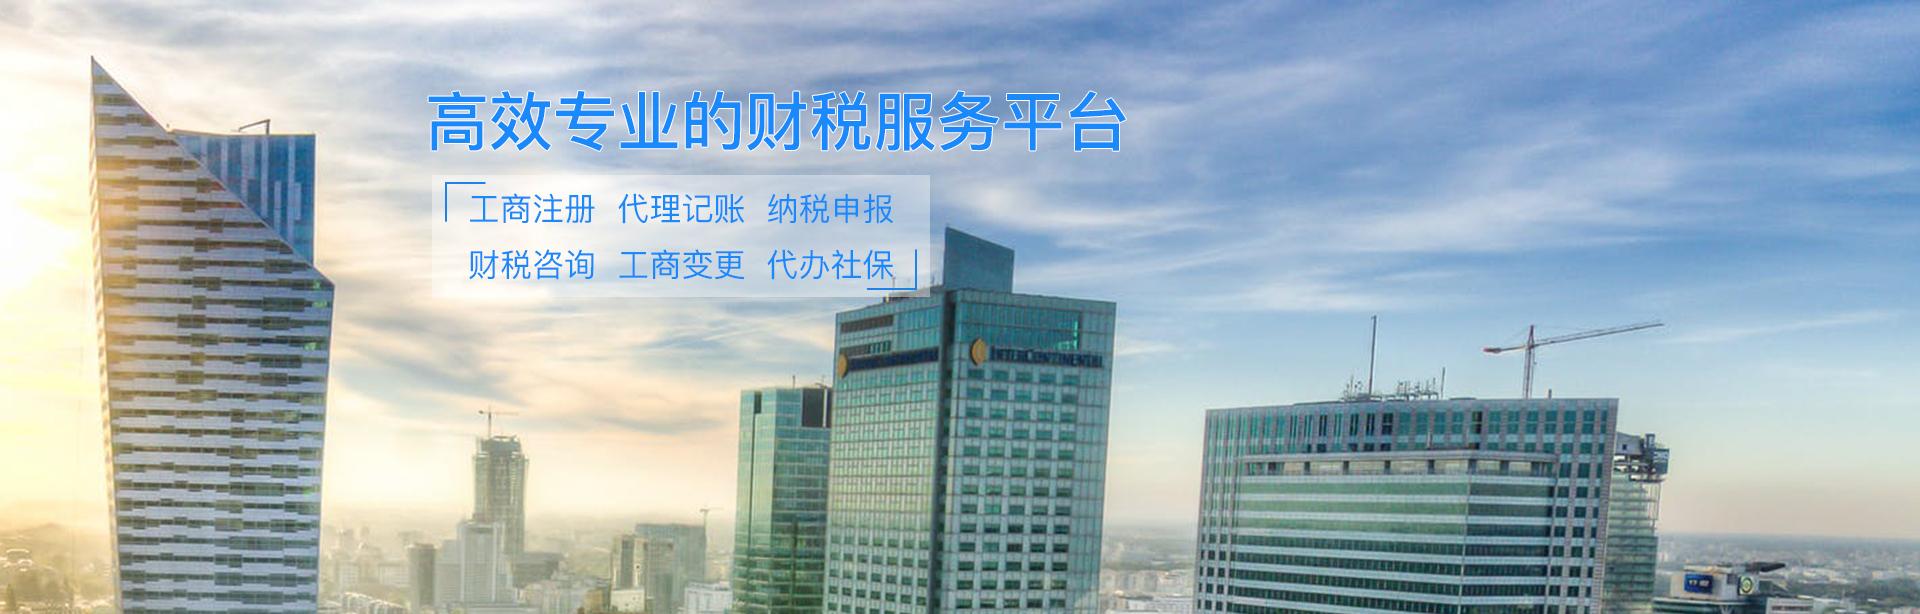 惠州广诚杨村会计服务有限公司